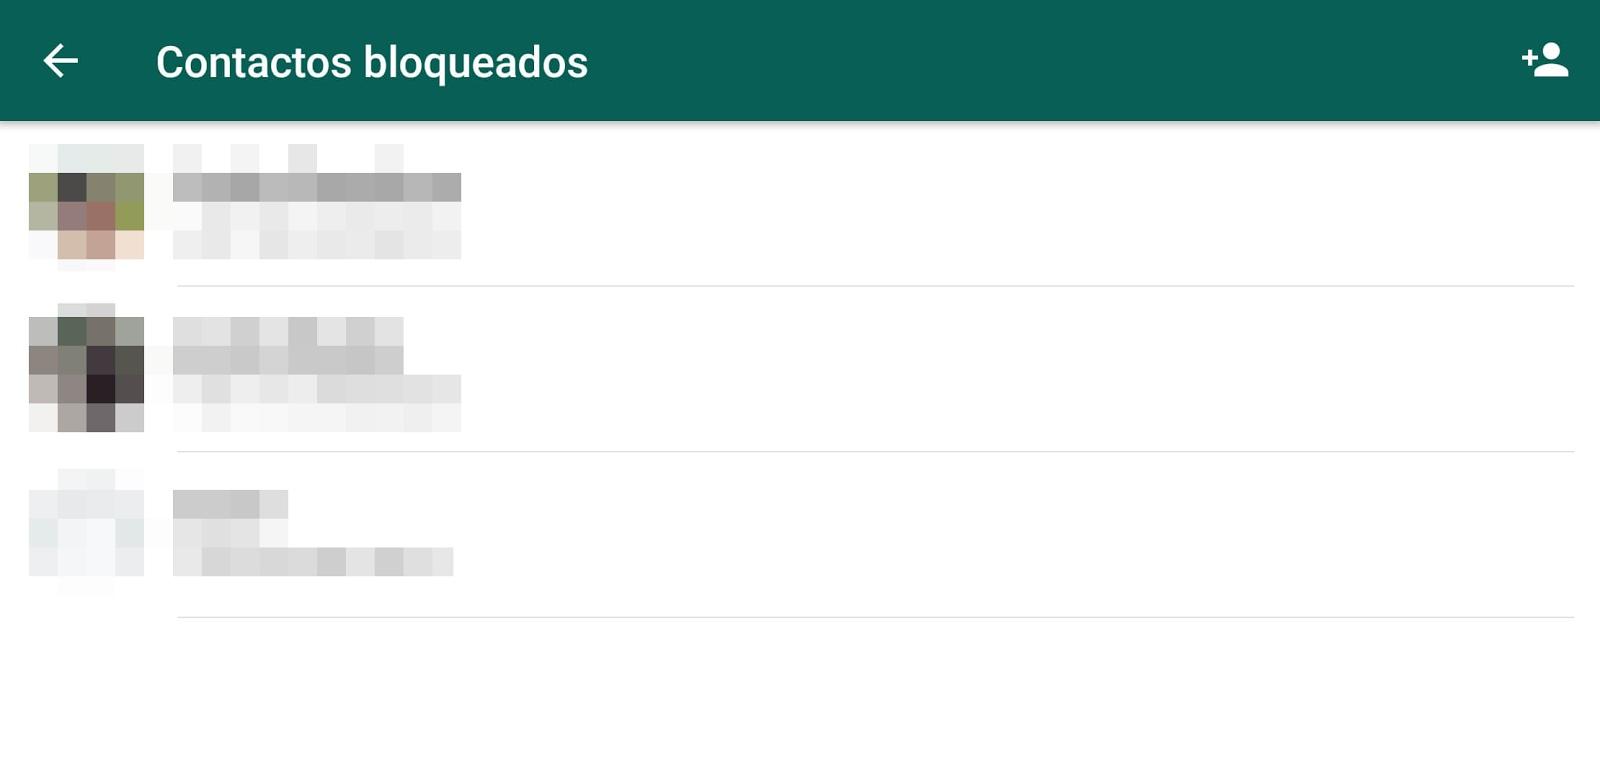 La lista de contactos bloqueados en WhatsApp